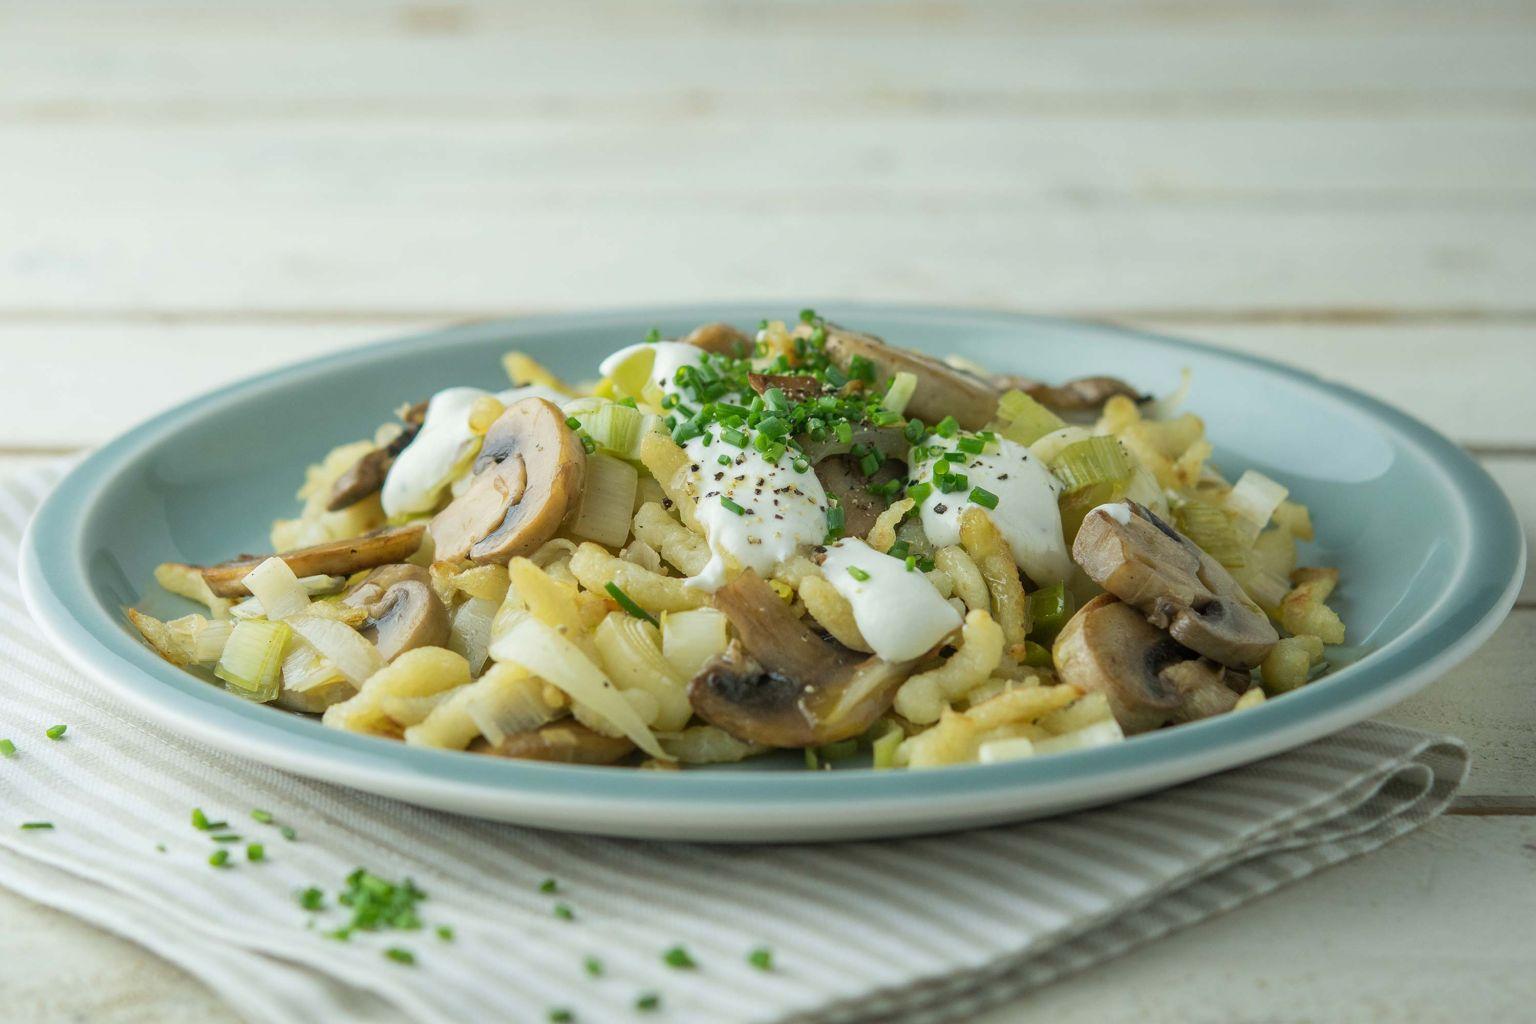 Recette po l e de sp tzle aux champignons et ch vre frais quitoque - Comment cuisiner des champignons frais ...